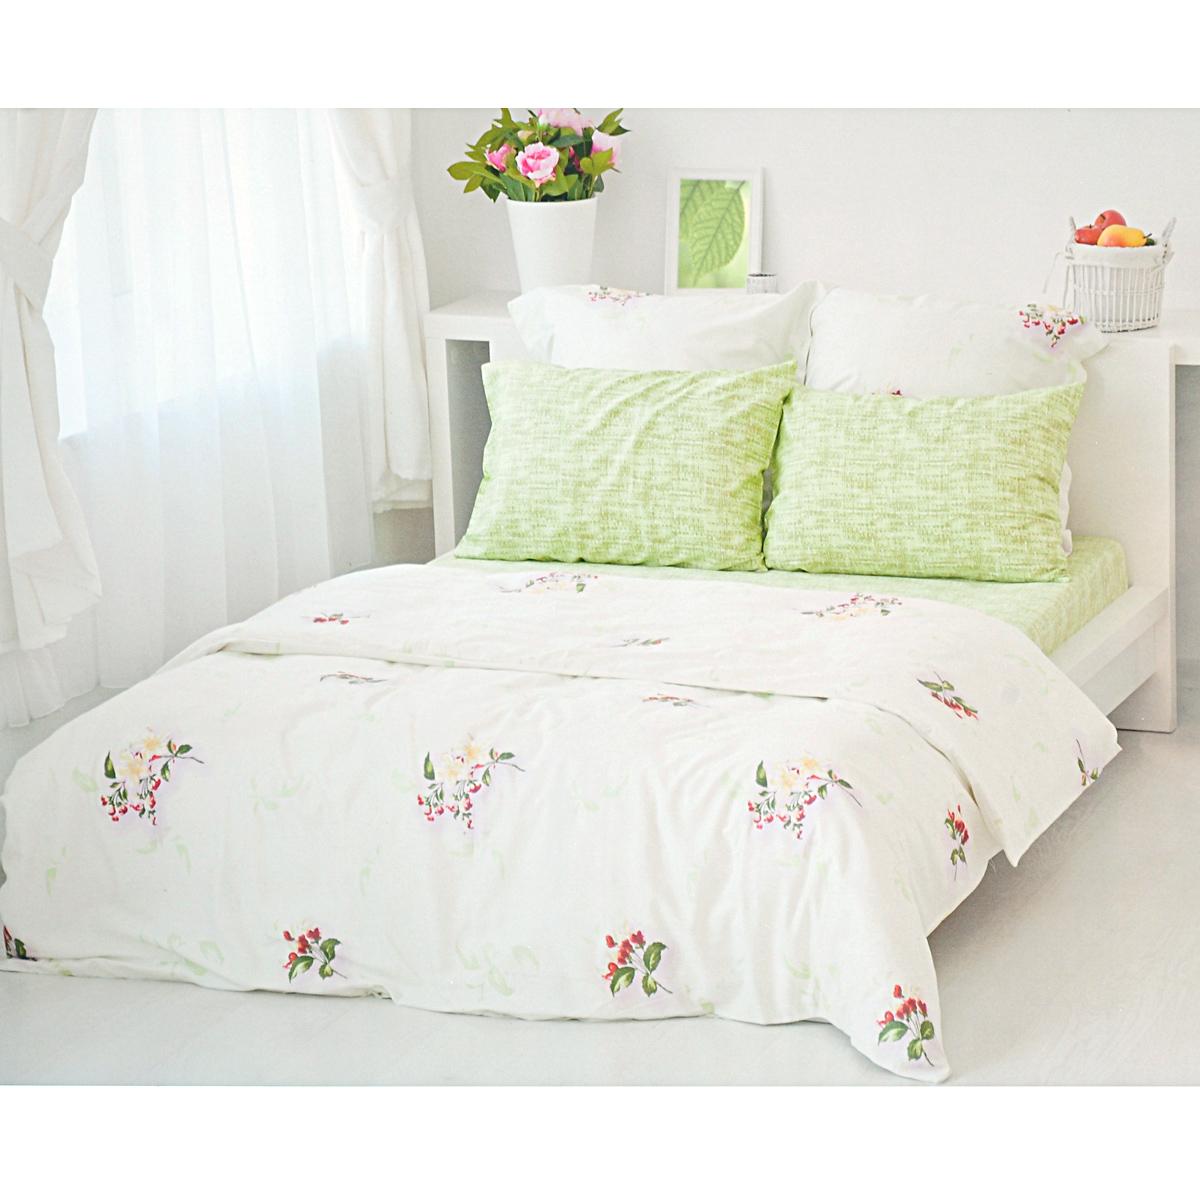 Комплект белья Tete-a-tete Цвет, 2-спальный, наволочки 70х70, 50х70, цвет: белый, зеленый, сиреневый комплект постельного белья quelle tete a tete 1011109 1 5сп 70х70 2